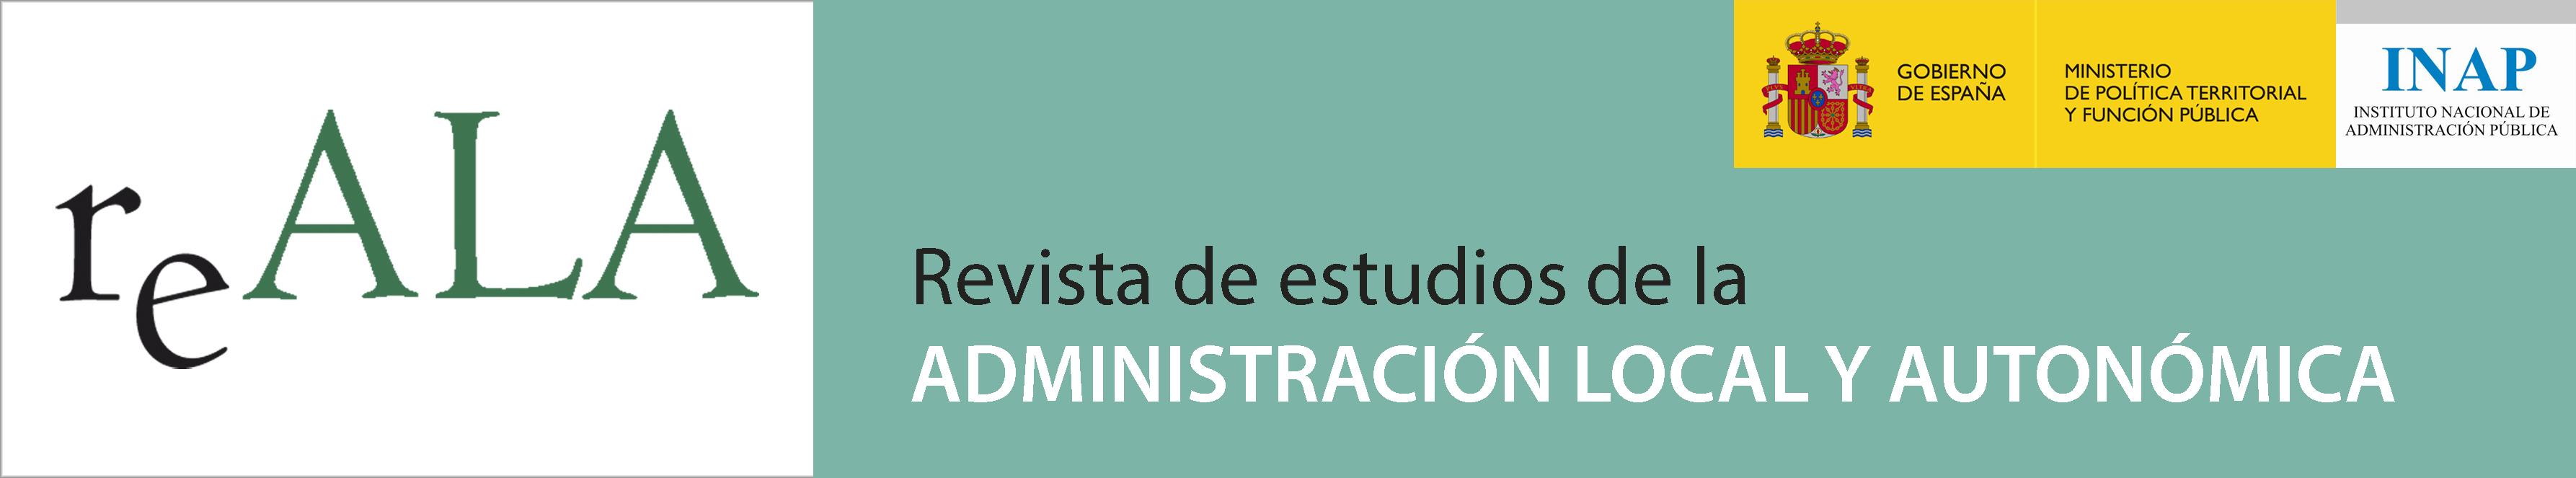 Revista de Estudios de la Administración Local y Autonómica